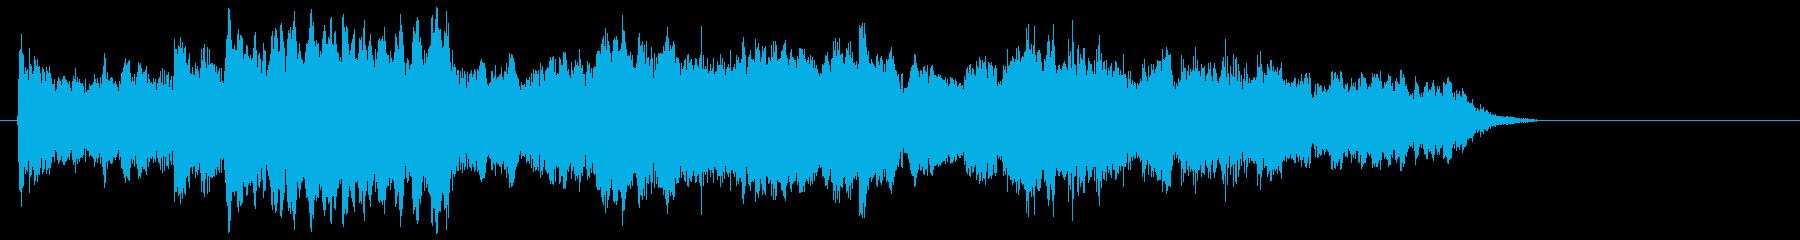 ゆったりとしとやかなピアノジングルの再生済みの波形